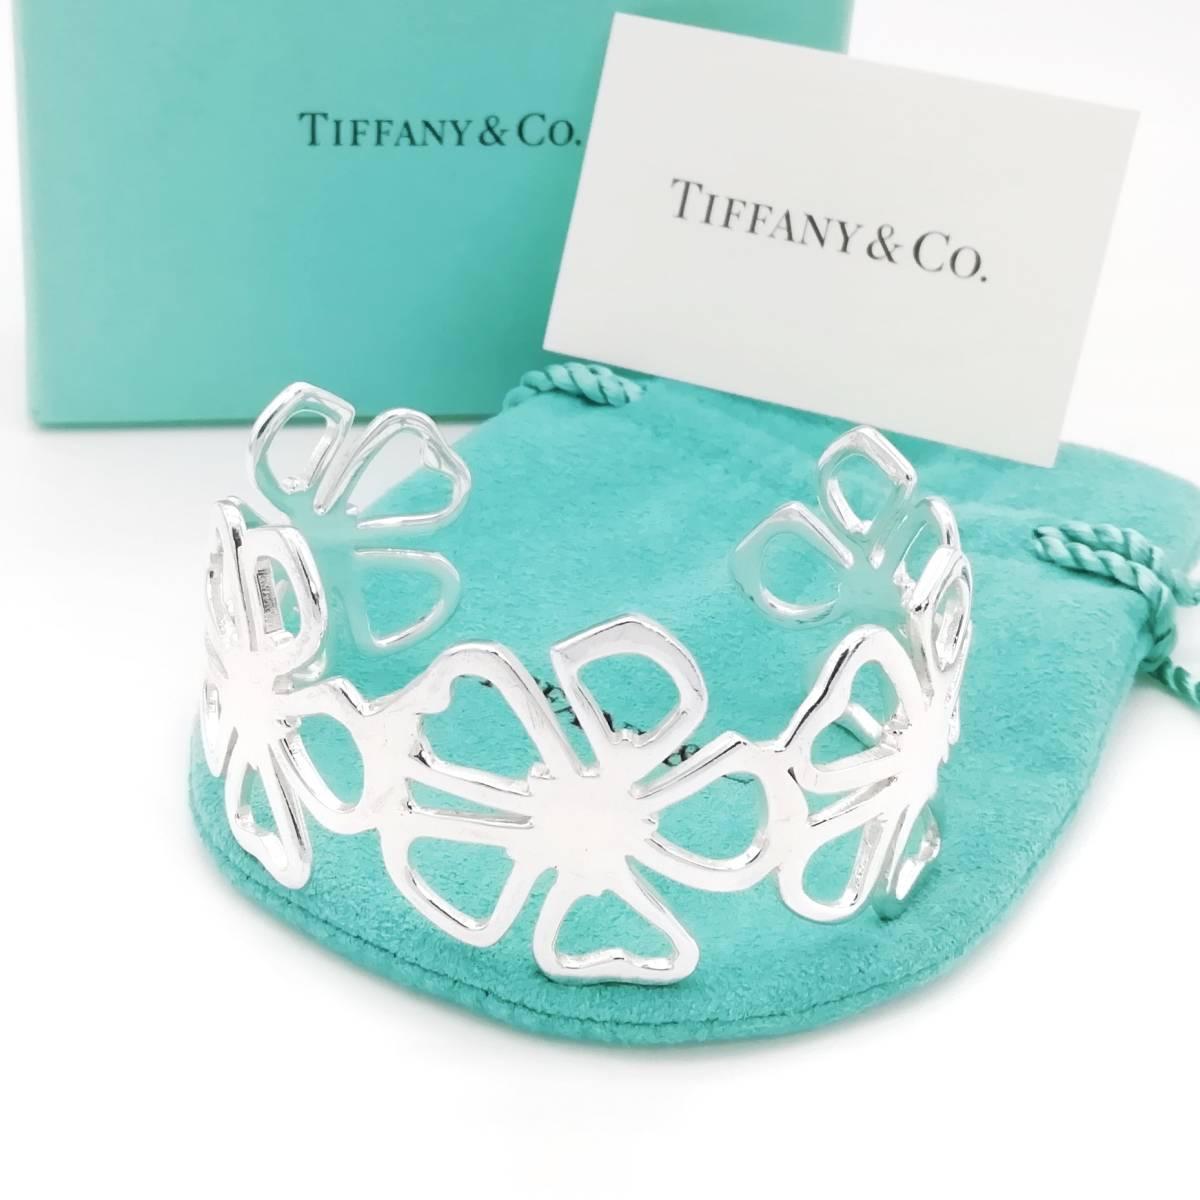 【送料無料】極希少 良品 Tiffany&Co. ティファニー ワイド カフ フラワー シルバー バングル SV925 レディース NK5